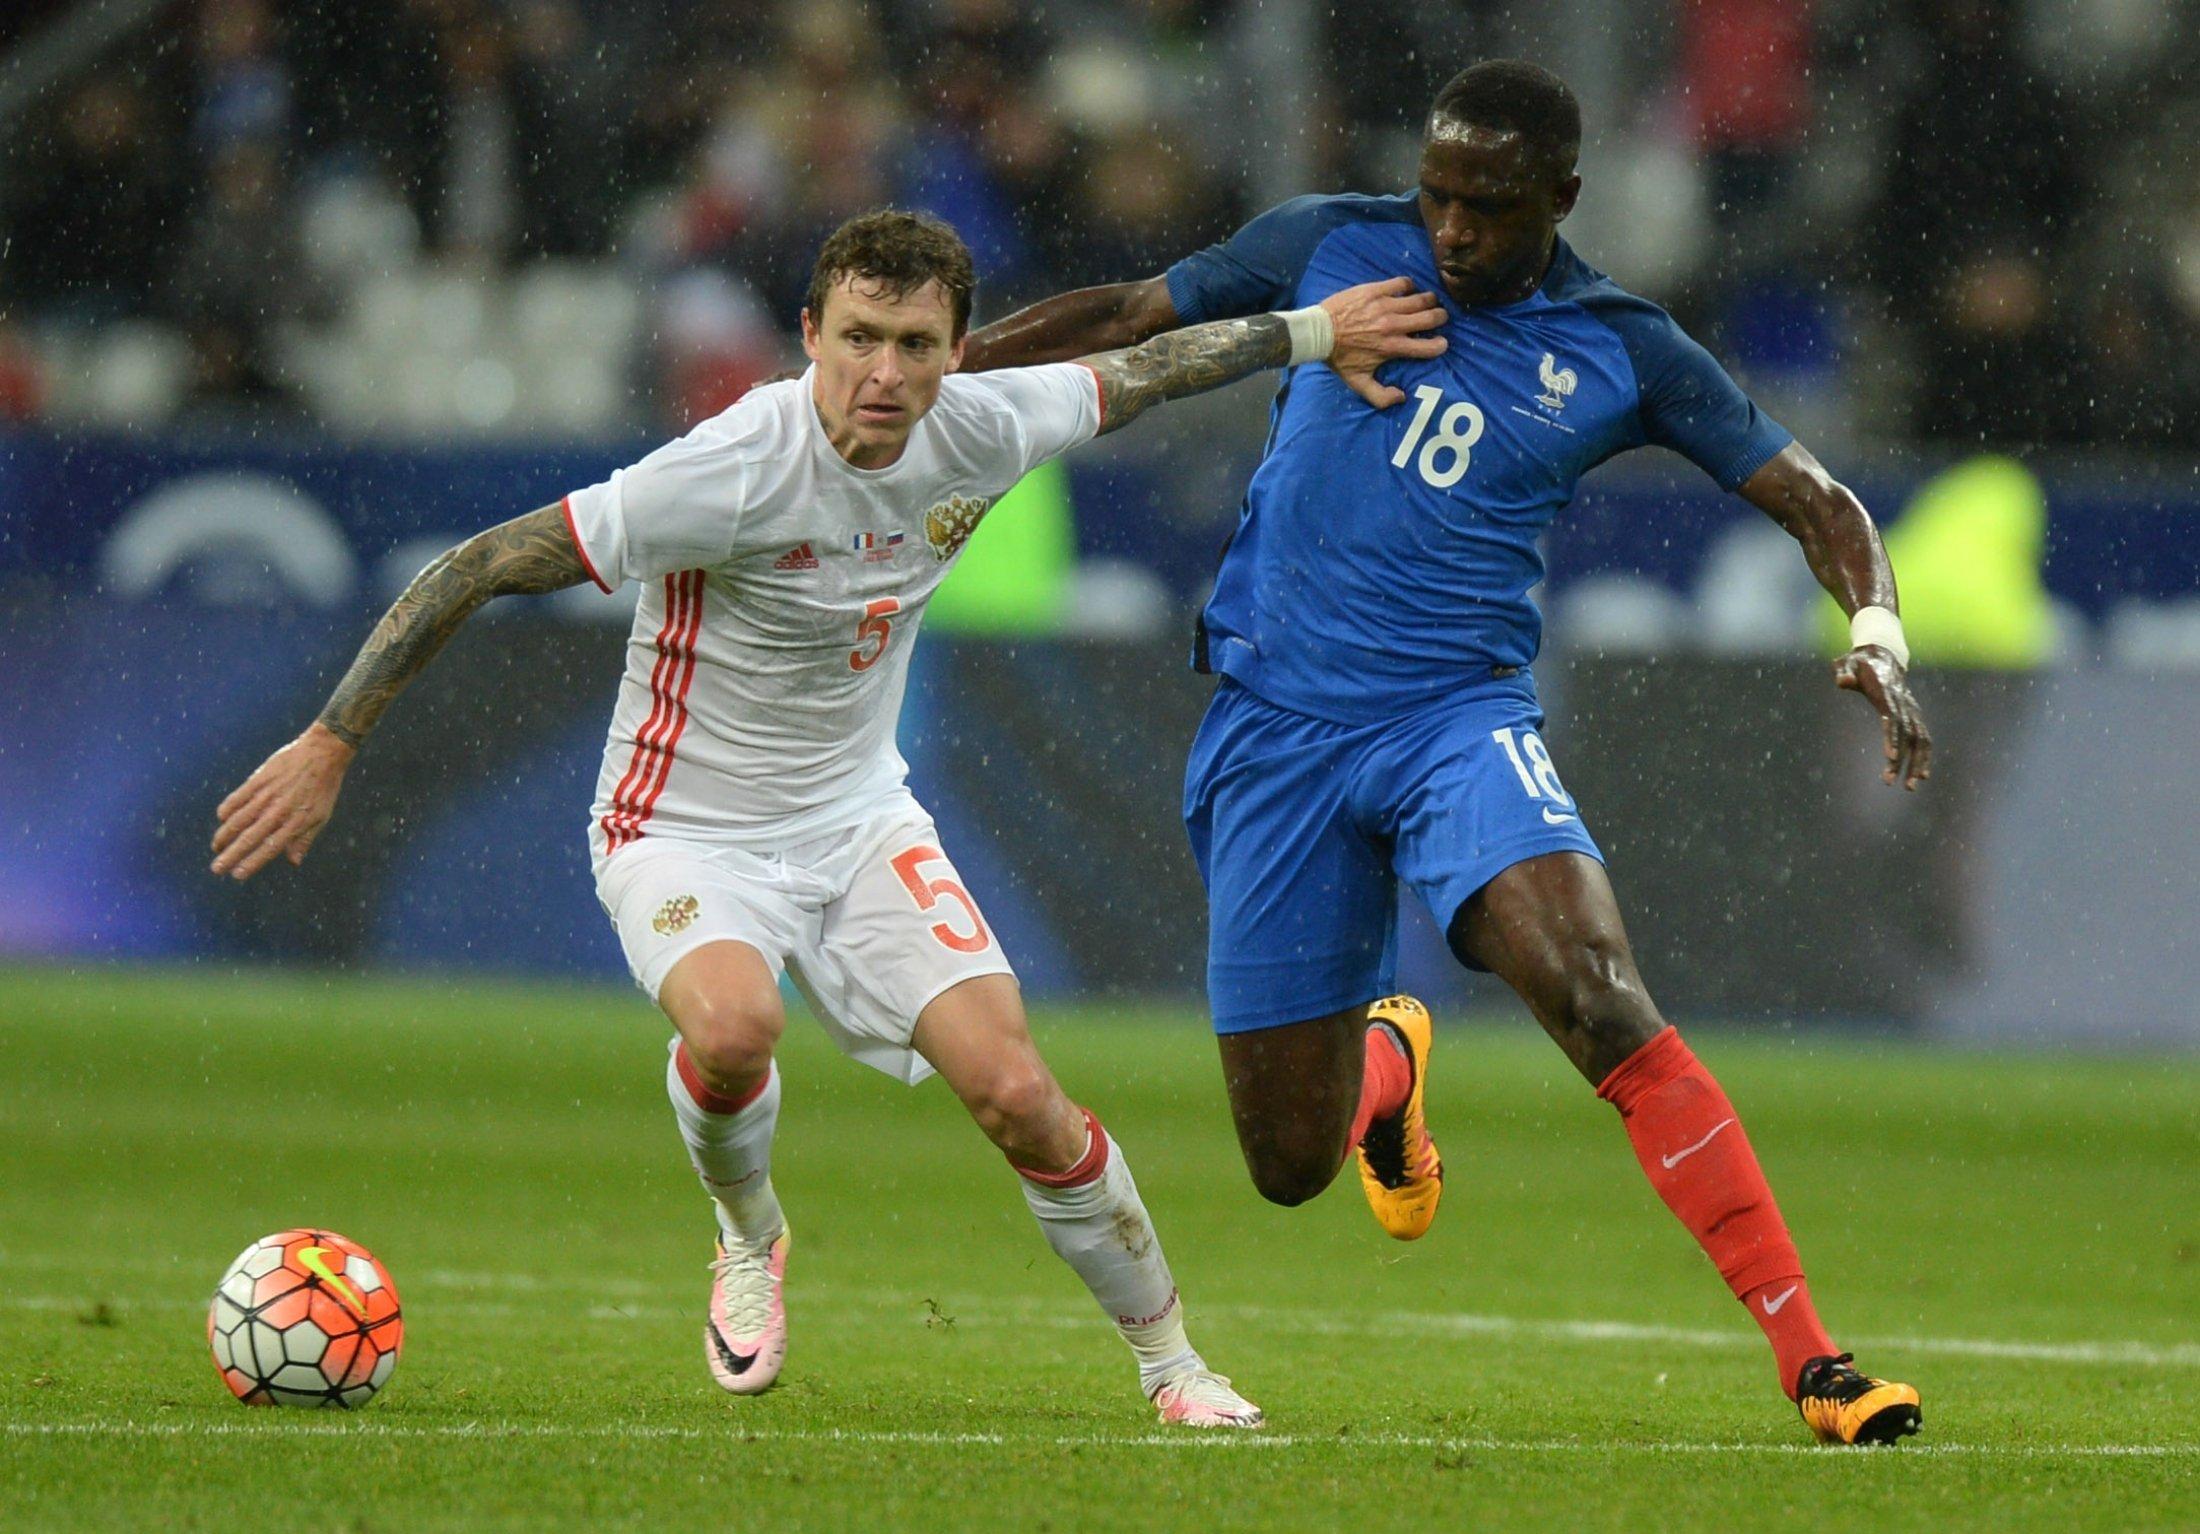 Сборная Франции обыграла Россию со счетом 4:2